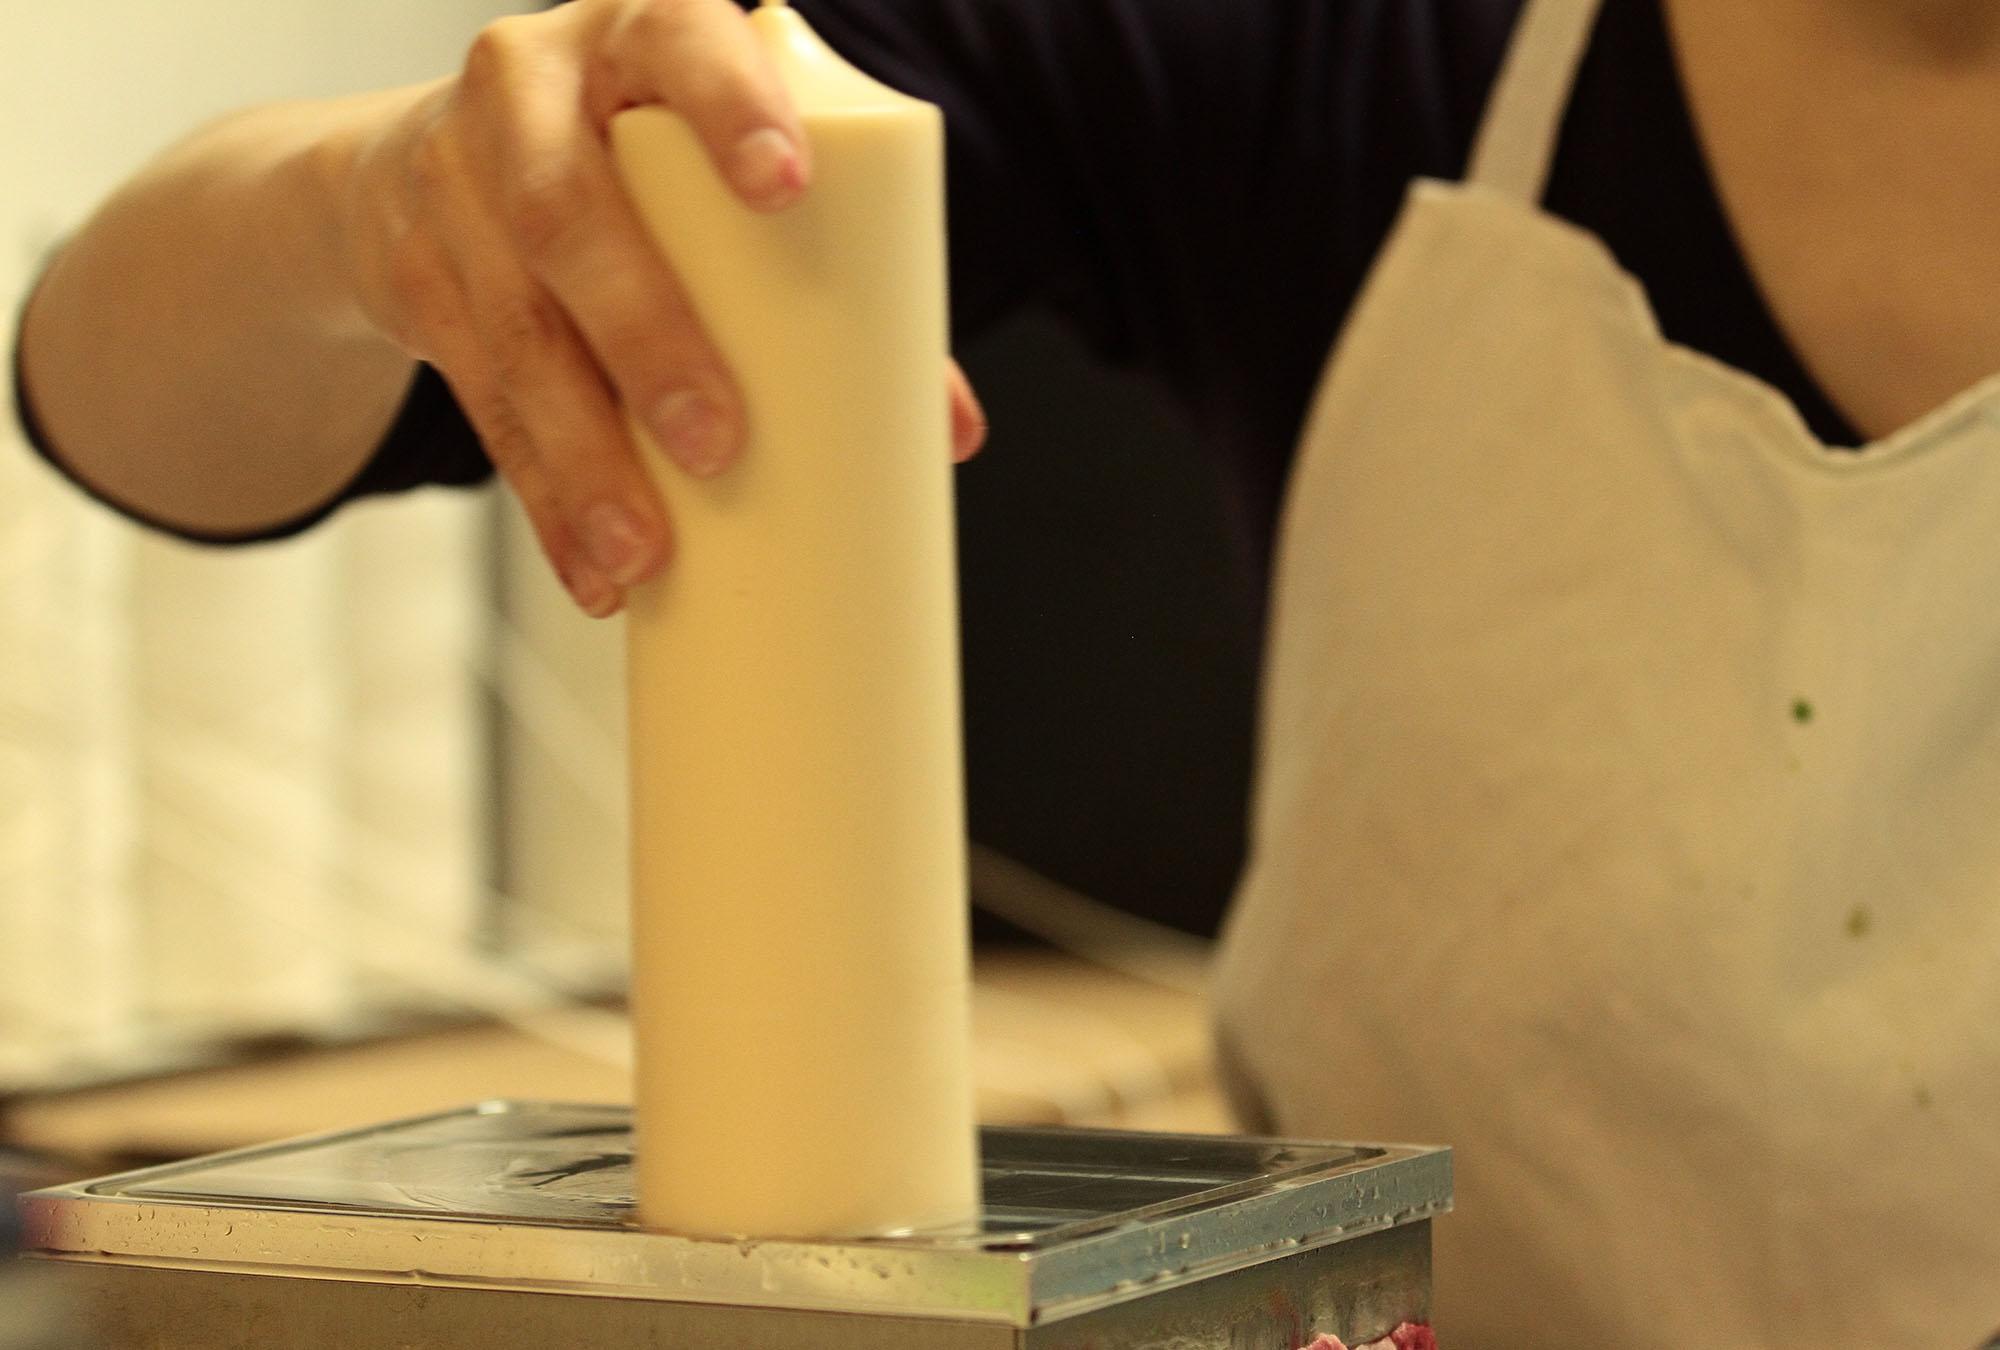 Da jede Kerze mit der Hand abgedreht wird, kann es zu Unregelmäßigkeiten bei der Höhe kommen.